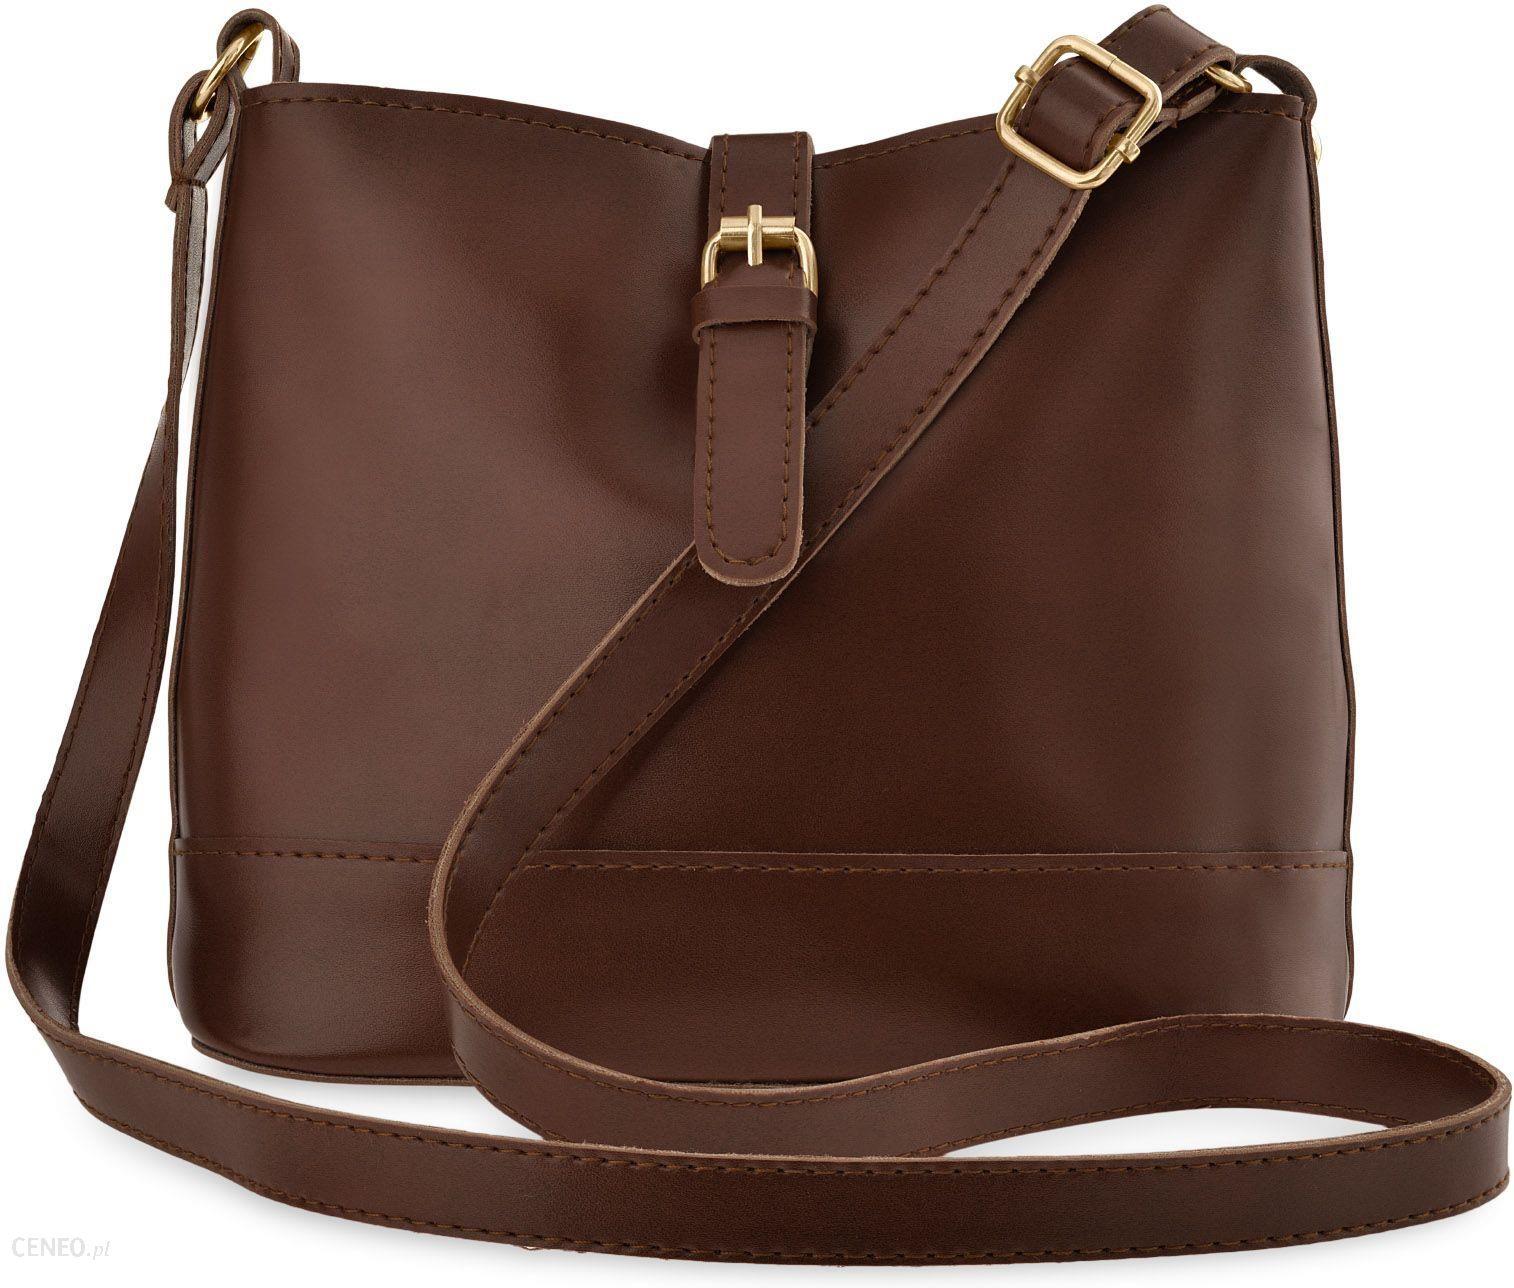 Klasyczna listonoszka torebka damska raportówka przewieszka z klamerką brązowy